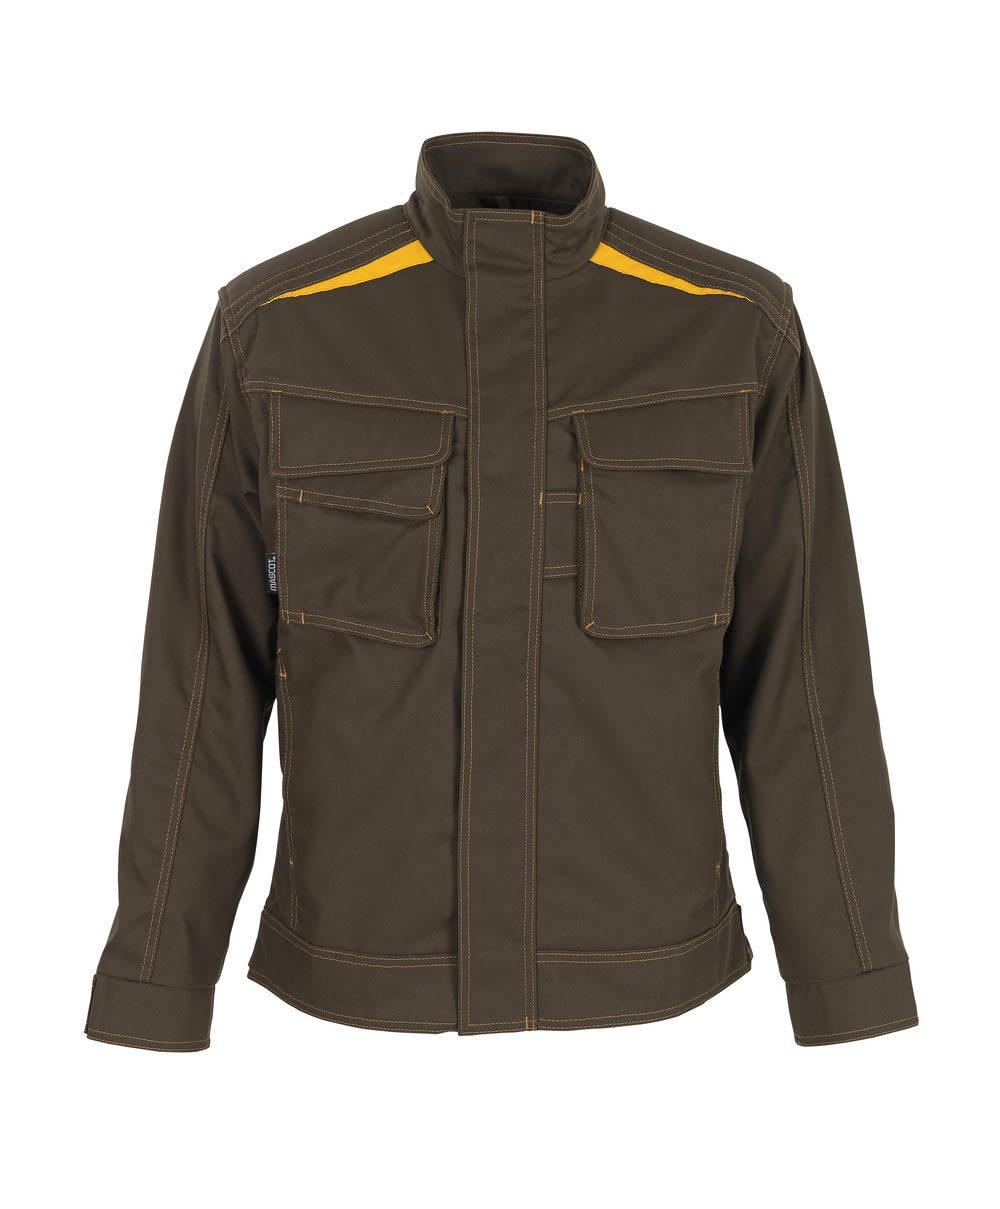 MASCOT Lamego Work Jacket - OLIVE